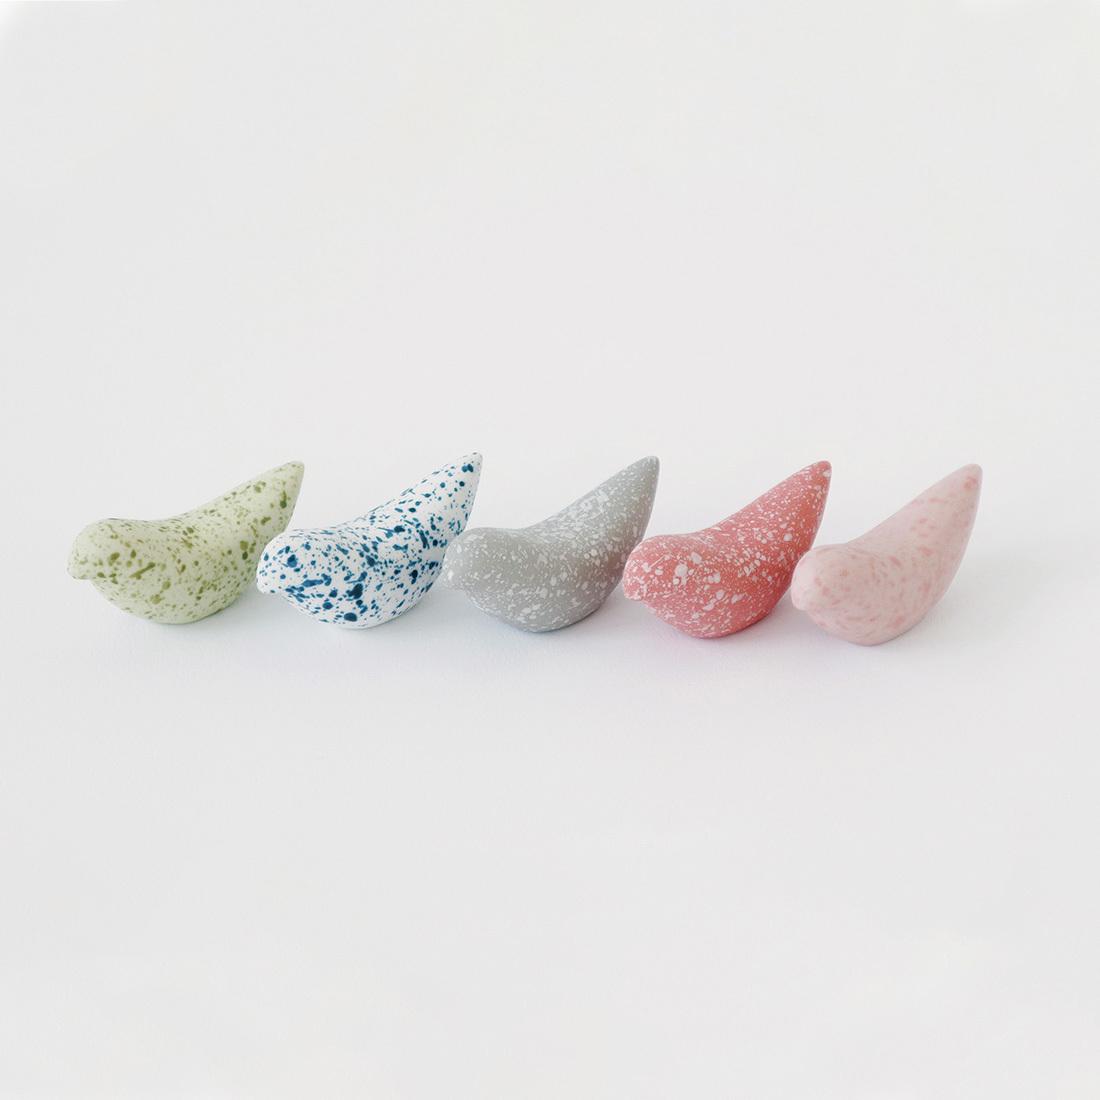 出色 鳥の形をした小石のような箸置きは 一つ一つ手作りで 表面に施された模様もそれぞれ 飾りたくなるような愛らしさです MOHEIM BIRDY 贈り物 PEBBLES 箸置き ギフト プレゼント 価格